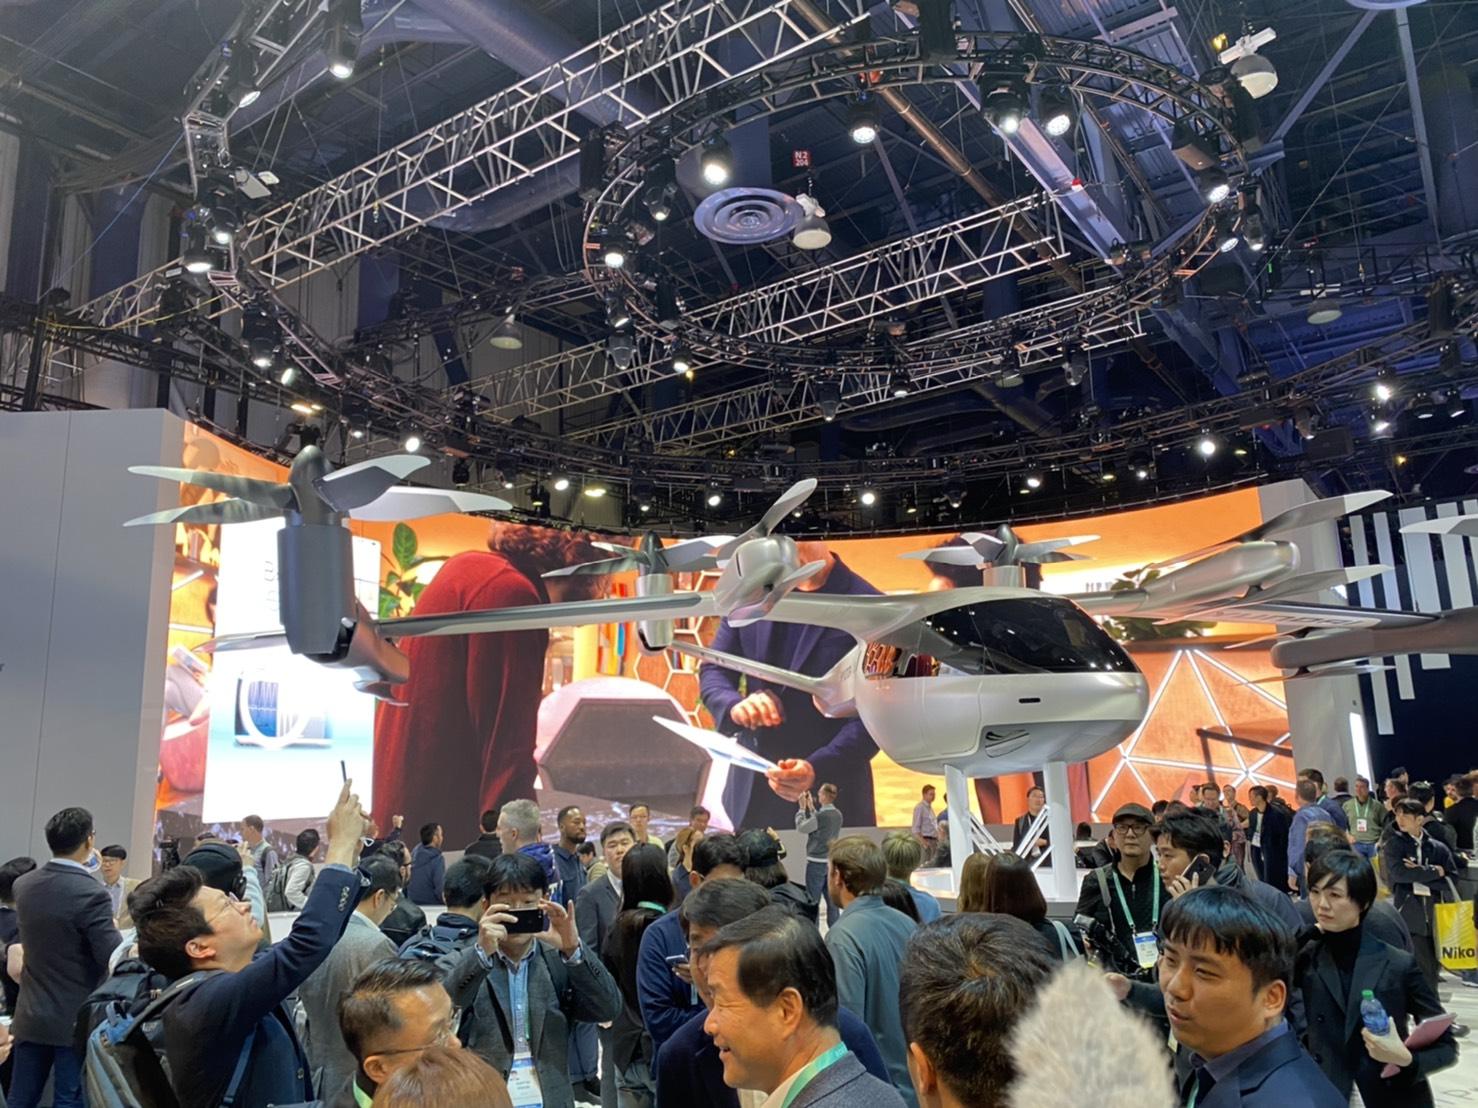 空飛ぶタクシーのコンセプトモデル「S-A1」